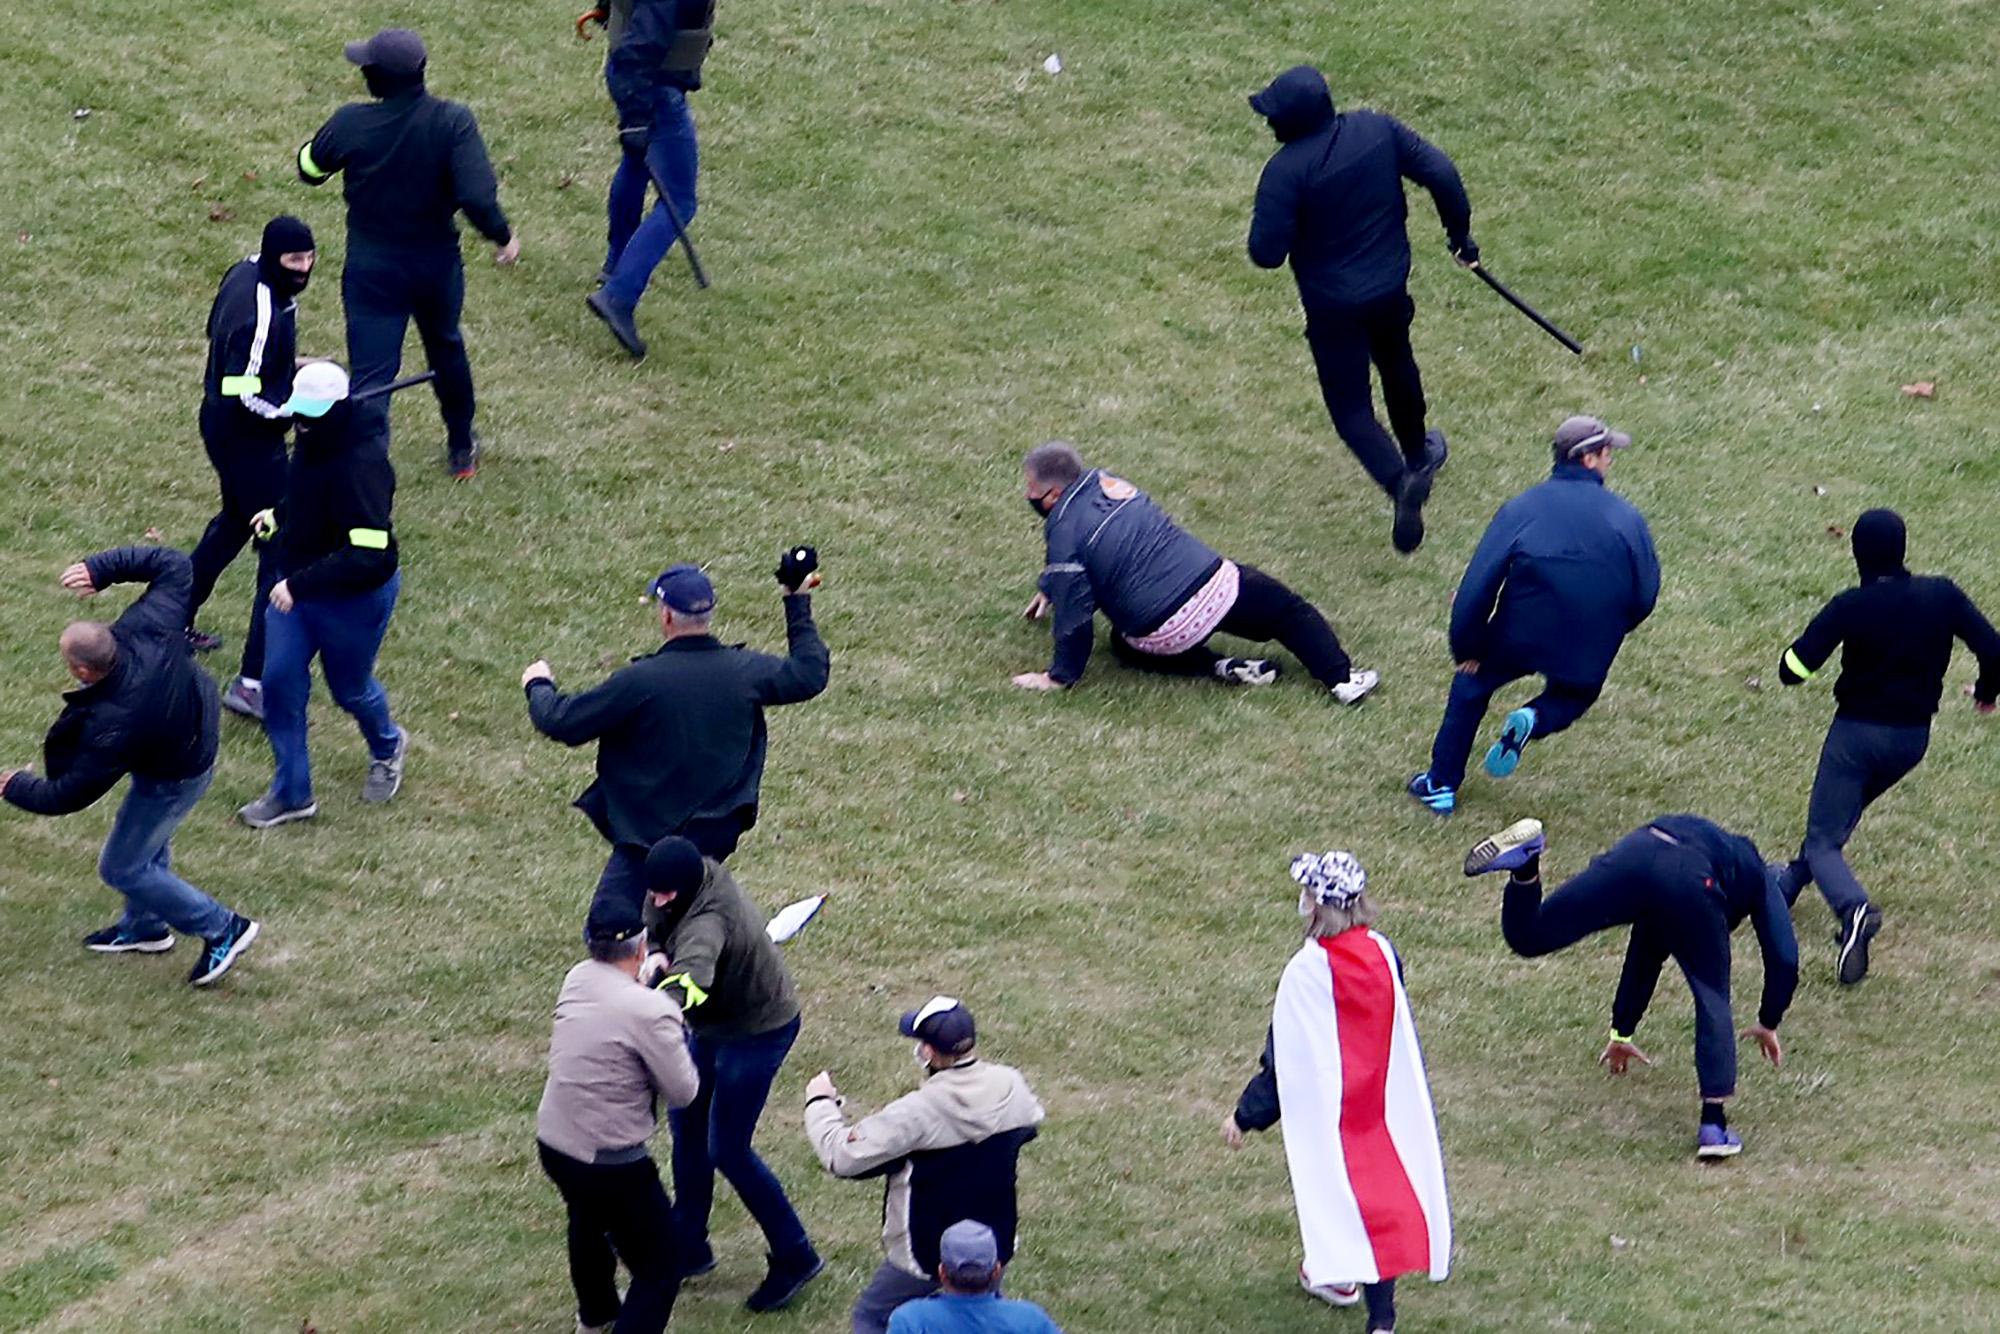 Ütlegelték Minszkben a tüntetőket a rendőrök